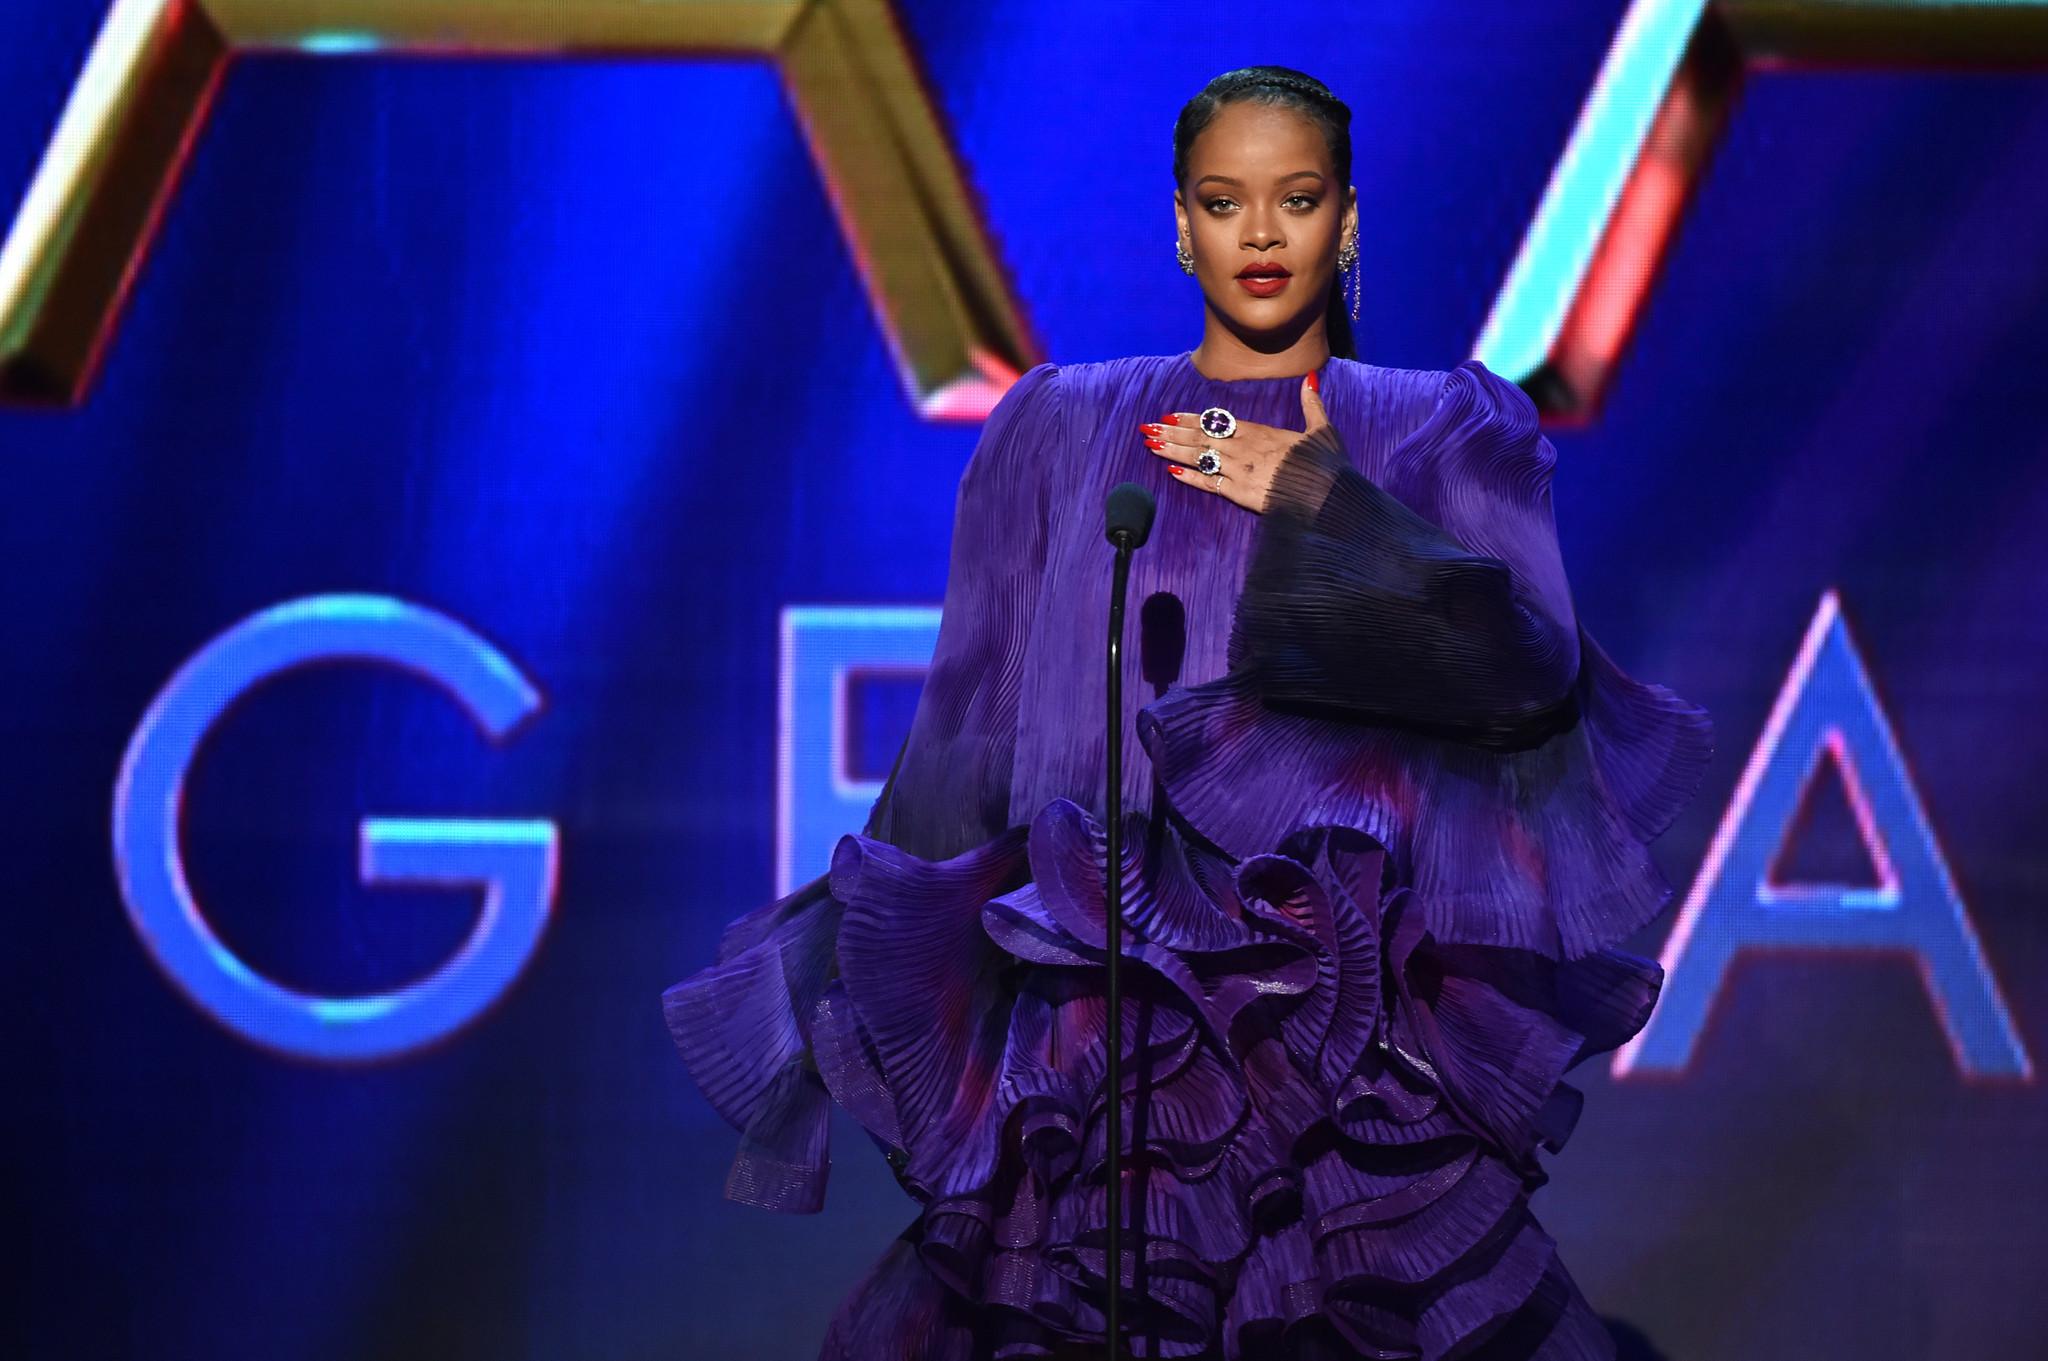 Gov. Cuomo thanks Rihanna for donating protective gear to NY amid coronavirus pandemic